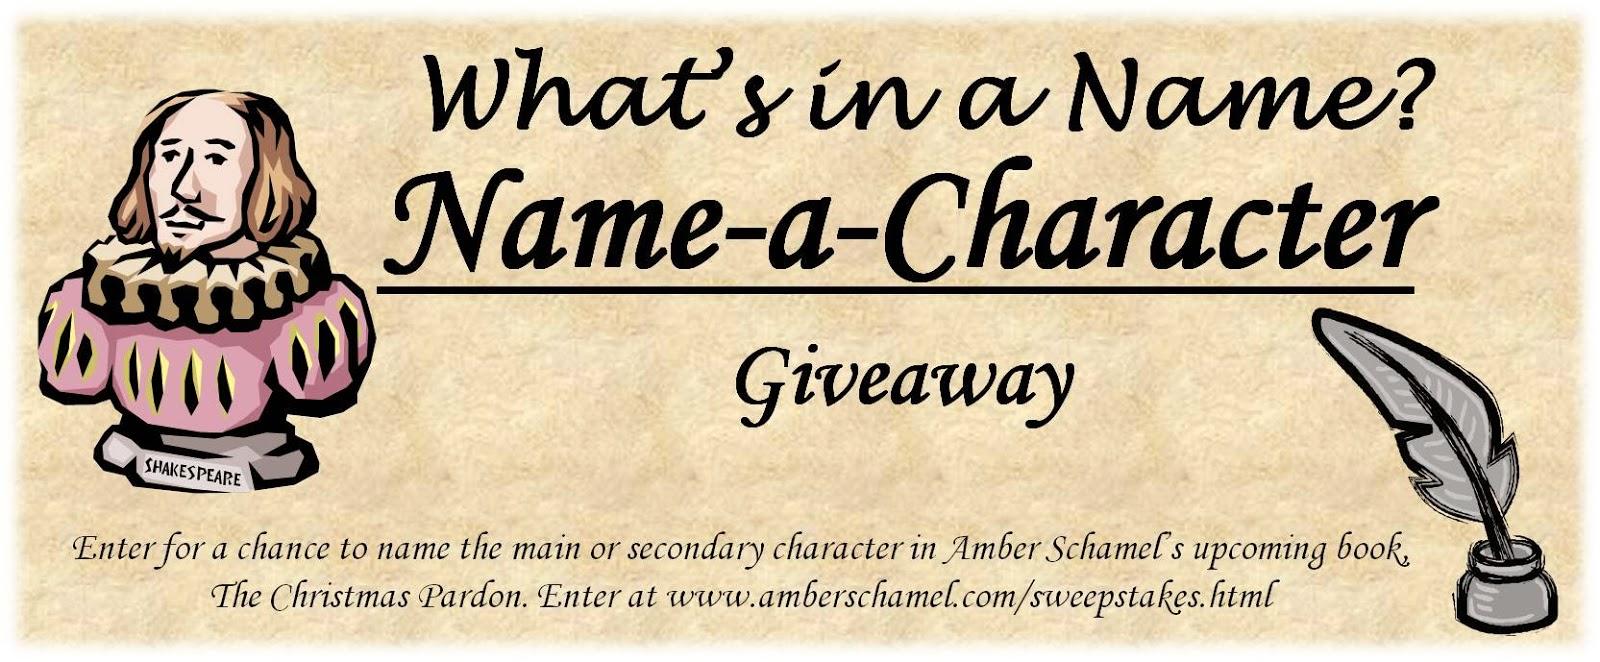 http://www.amberschamel.com/sweepstakes.html